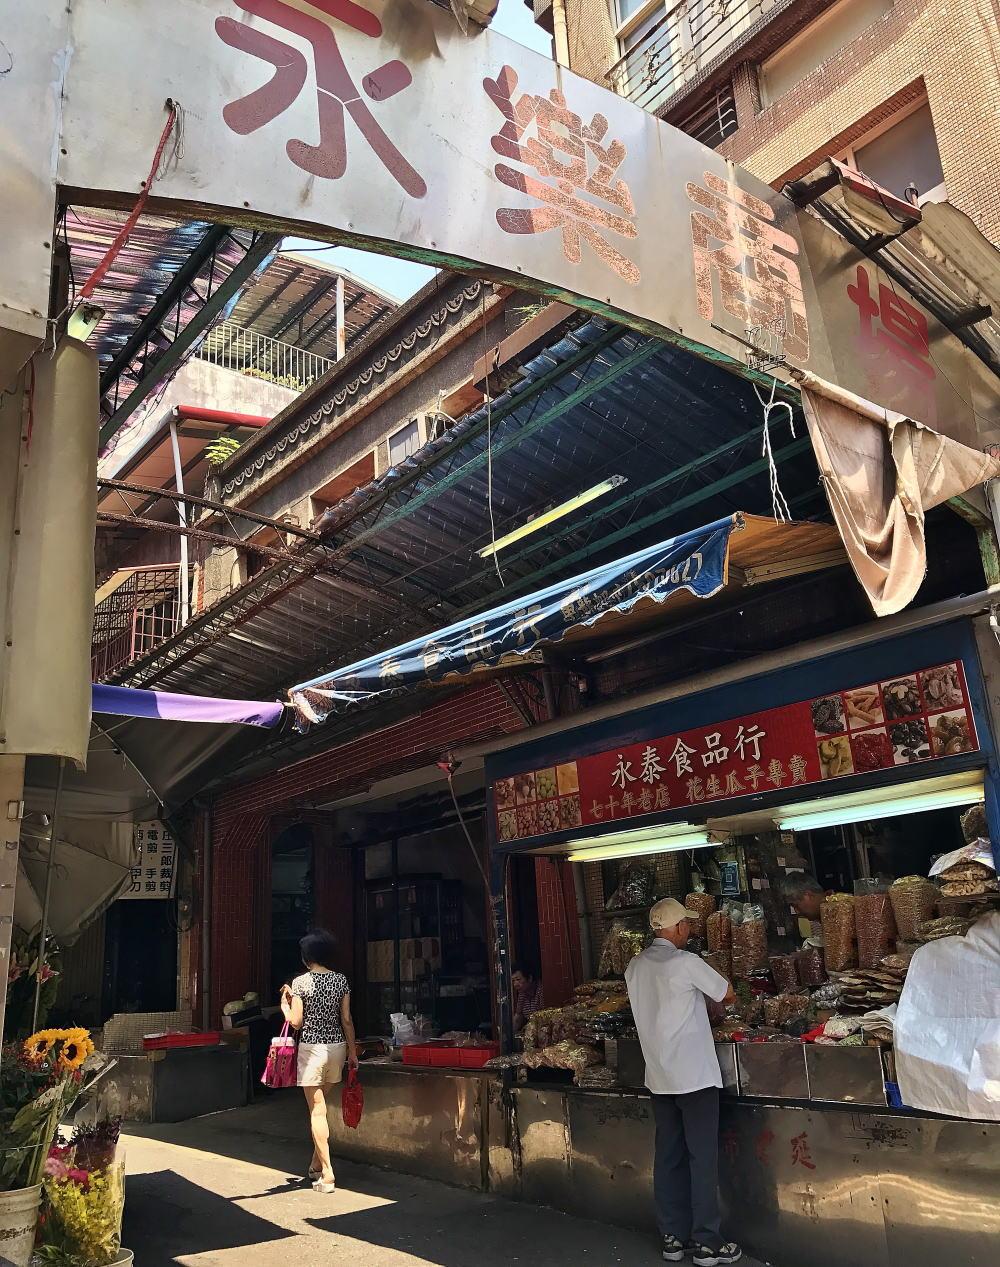 台北最古の問屋街「迪化街」